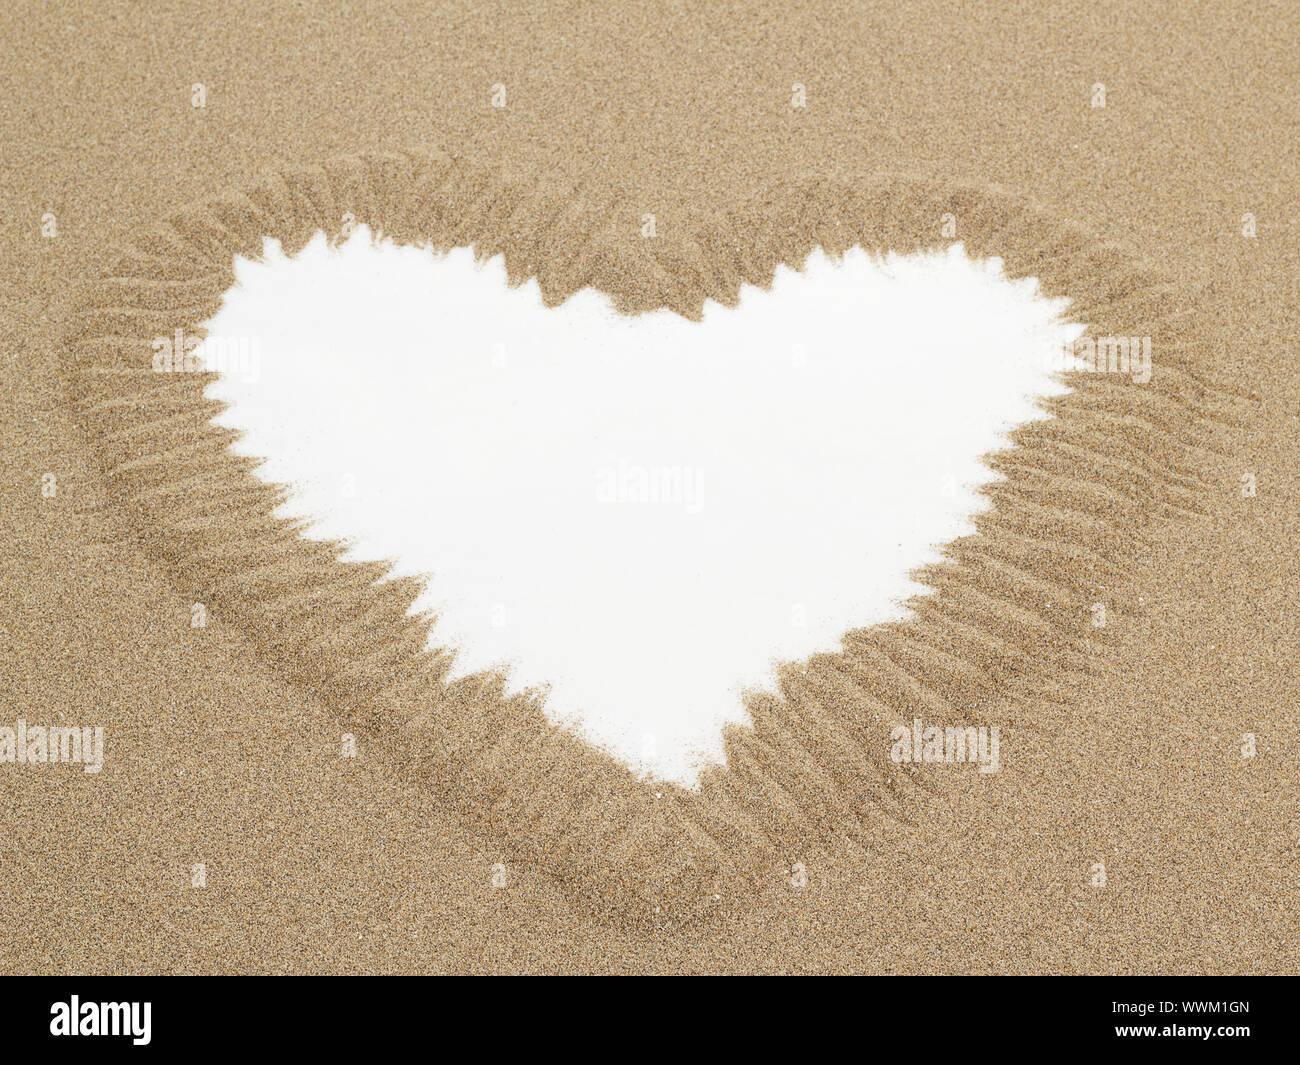 Forme de coeur dessiné dans le sable avec l'espace blanc pour le texte Banque D'Images